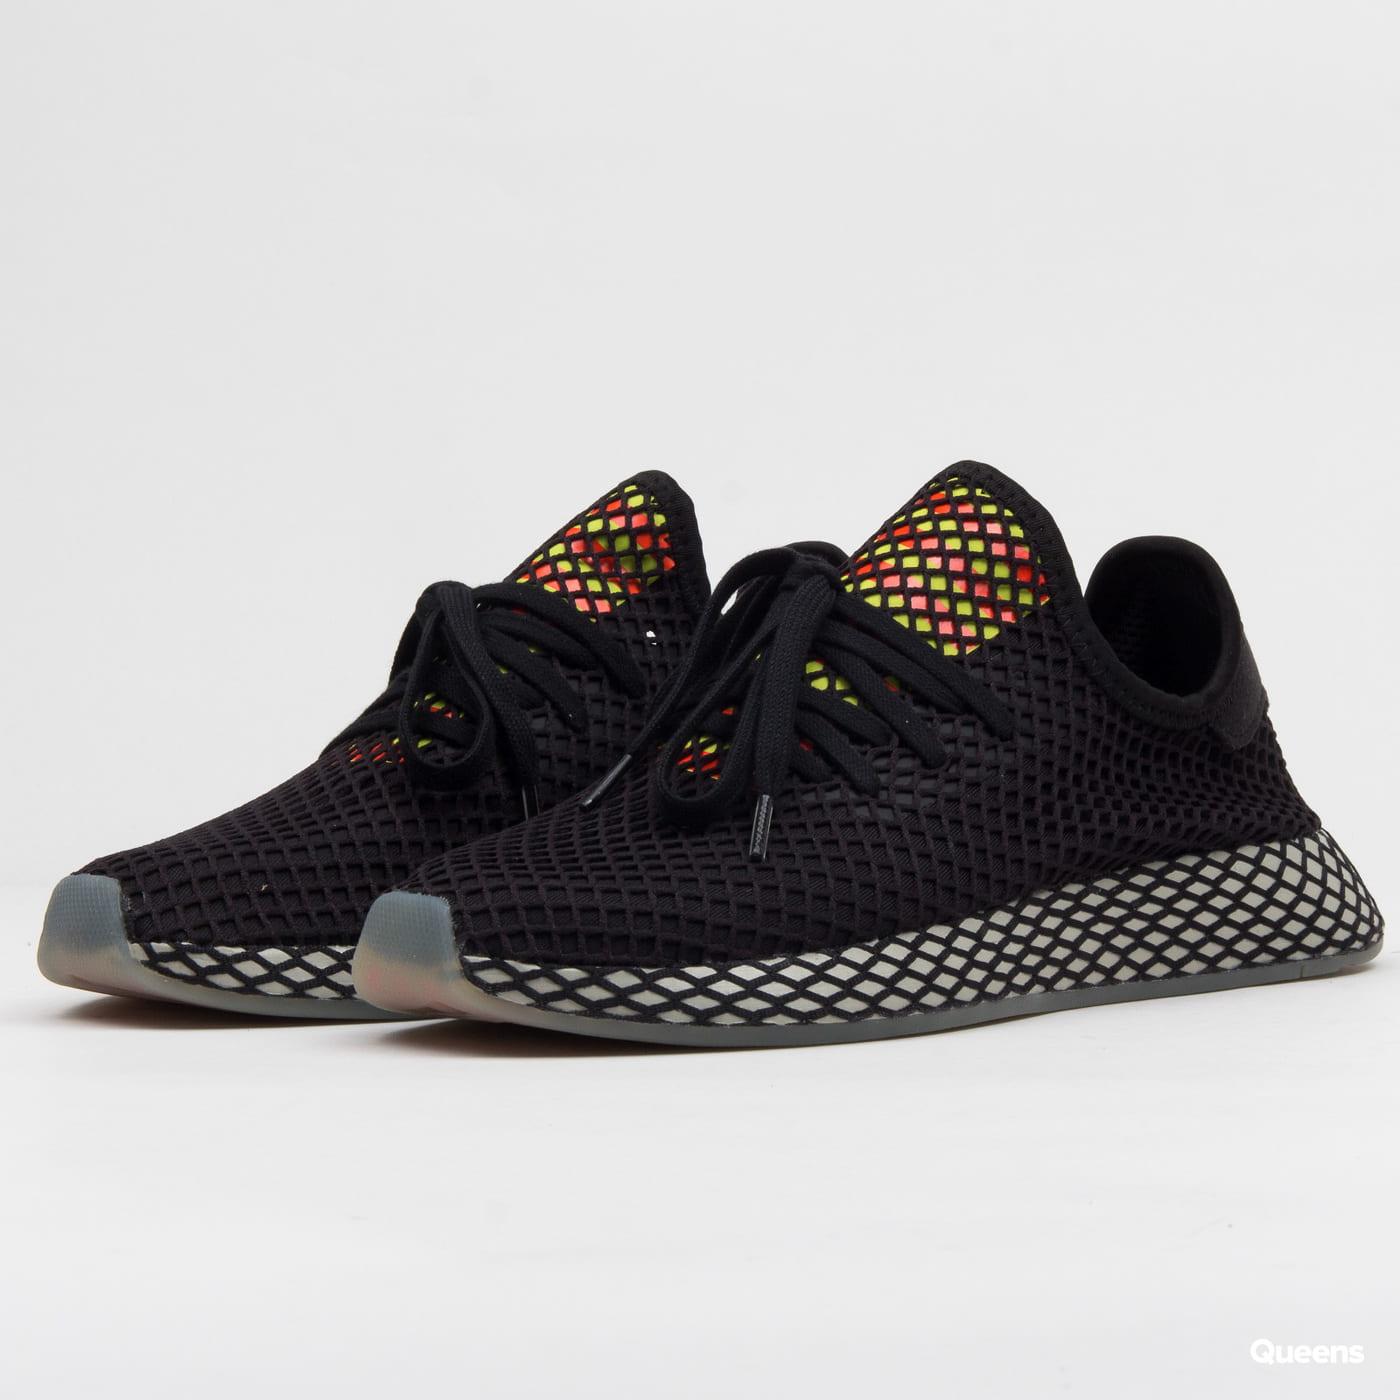 reputable site c134f 6982b adidas Originals Deerupt Runner cblack / sesame / solred